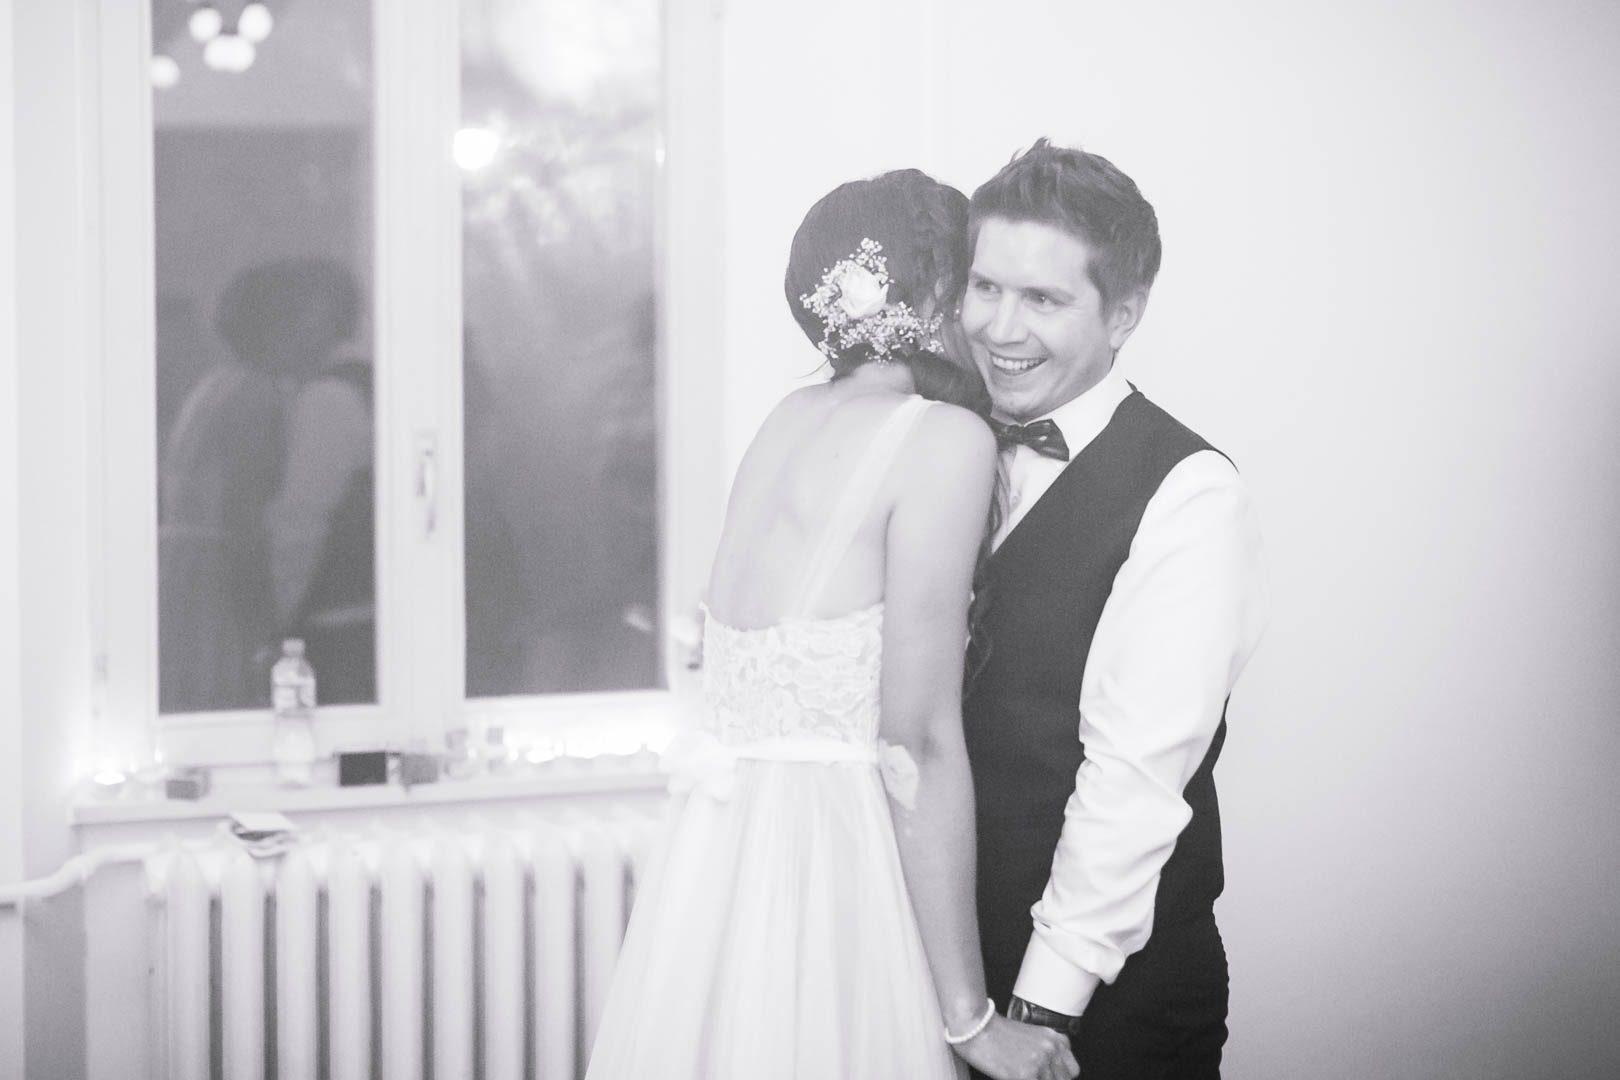 Hochzeitstanz Abend Corina de Stefani The Wedding Day